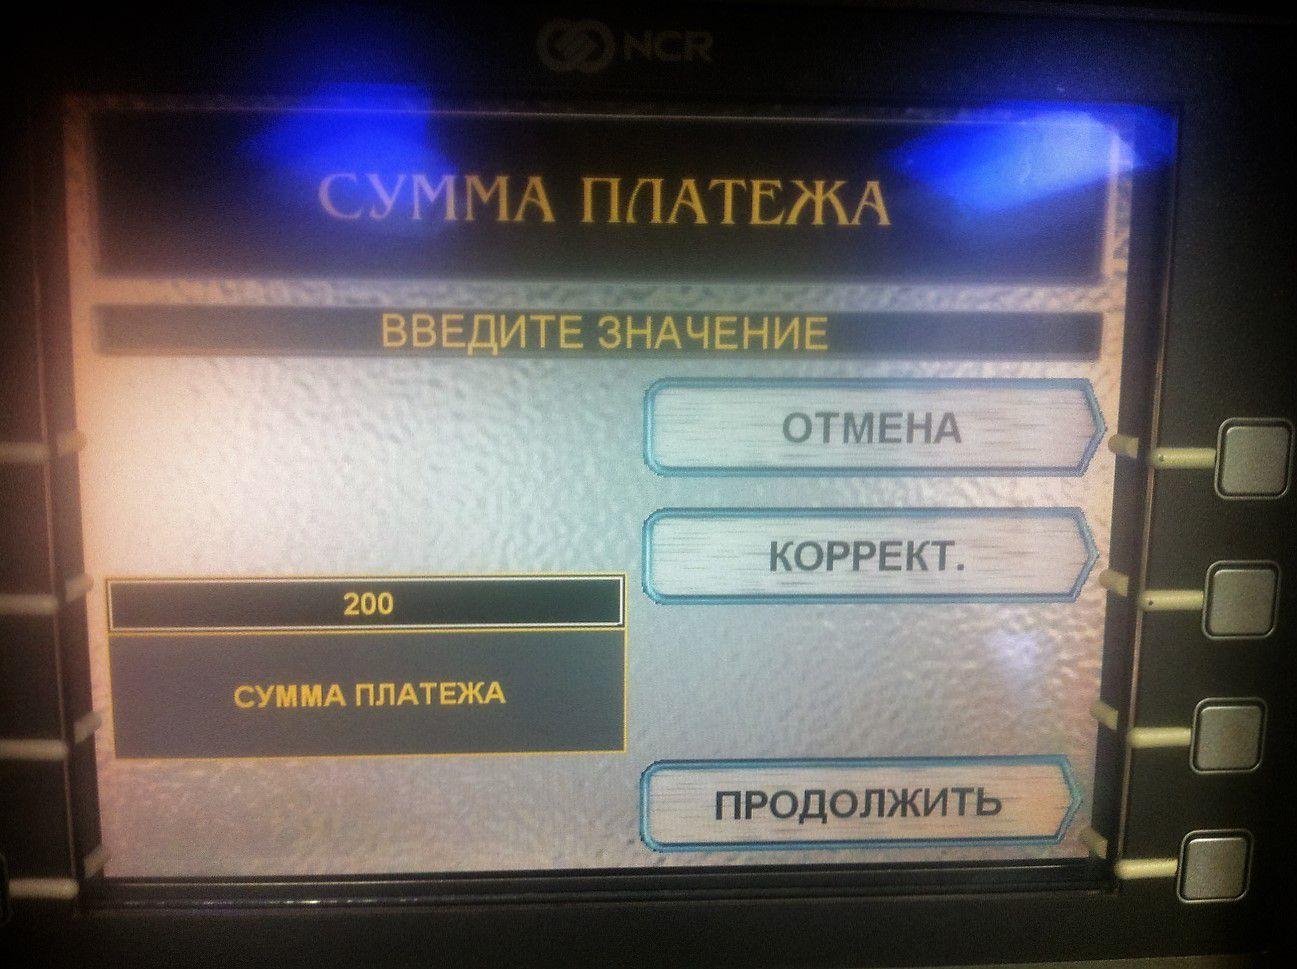 Зачисление суммы в банкомате сбербанке